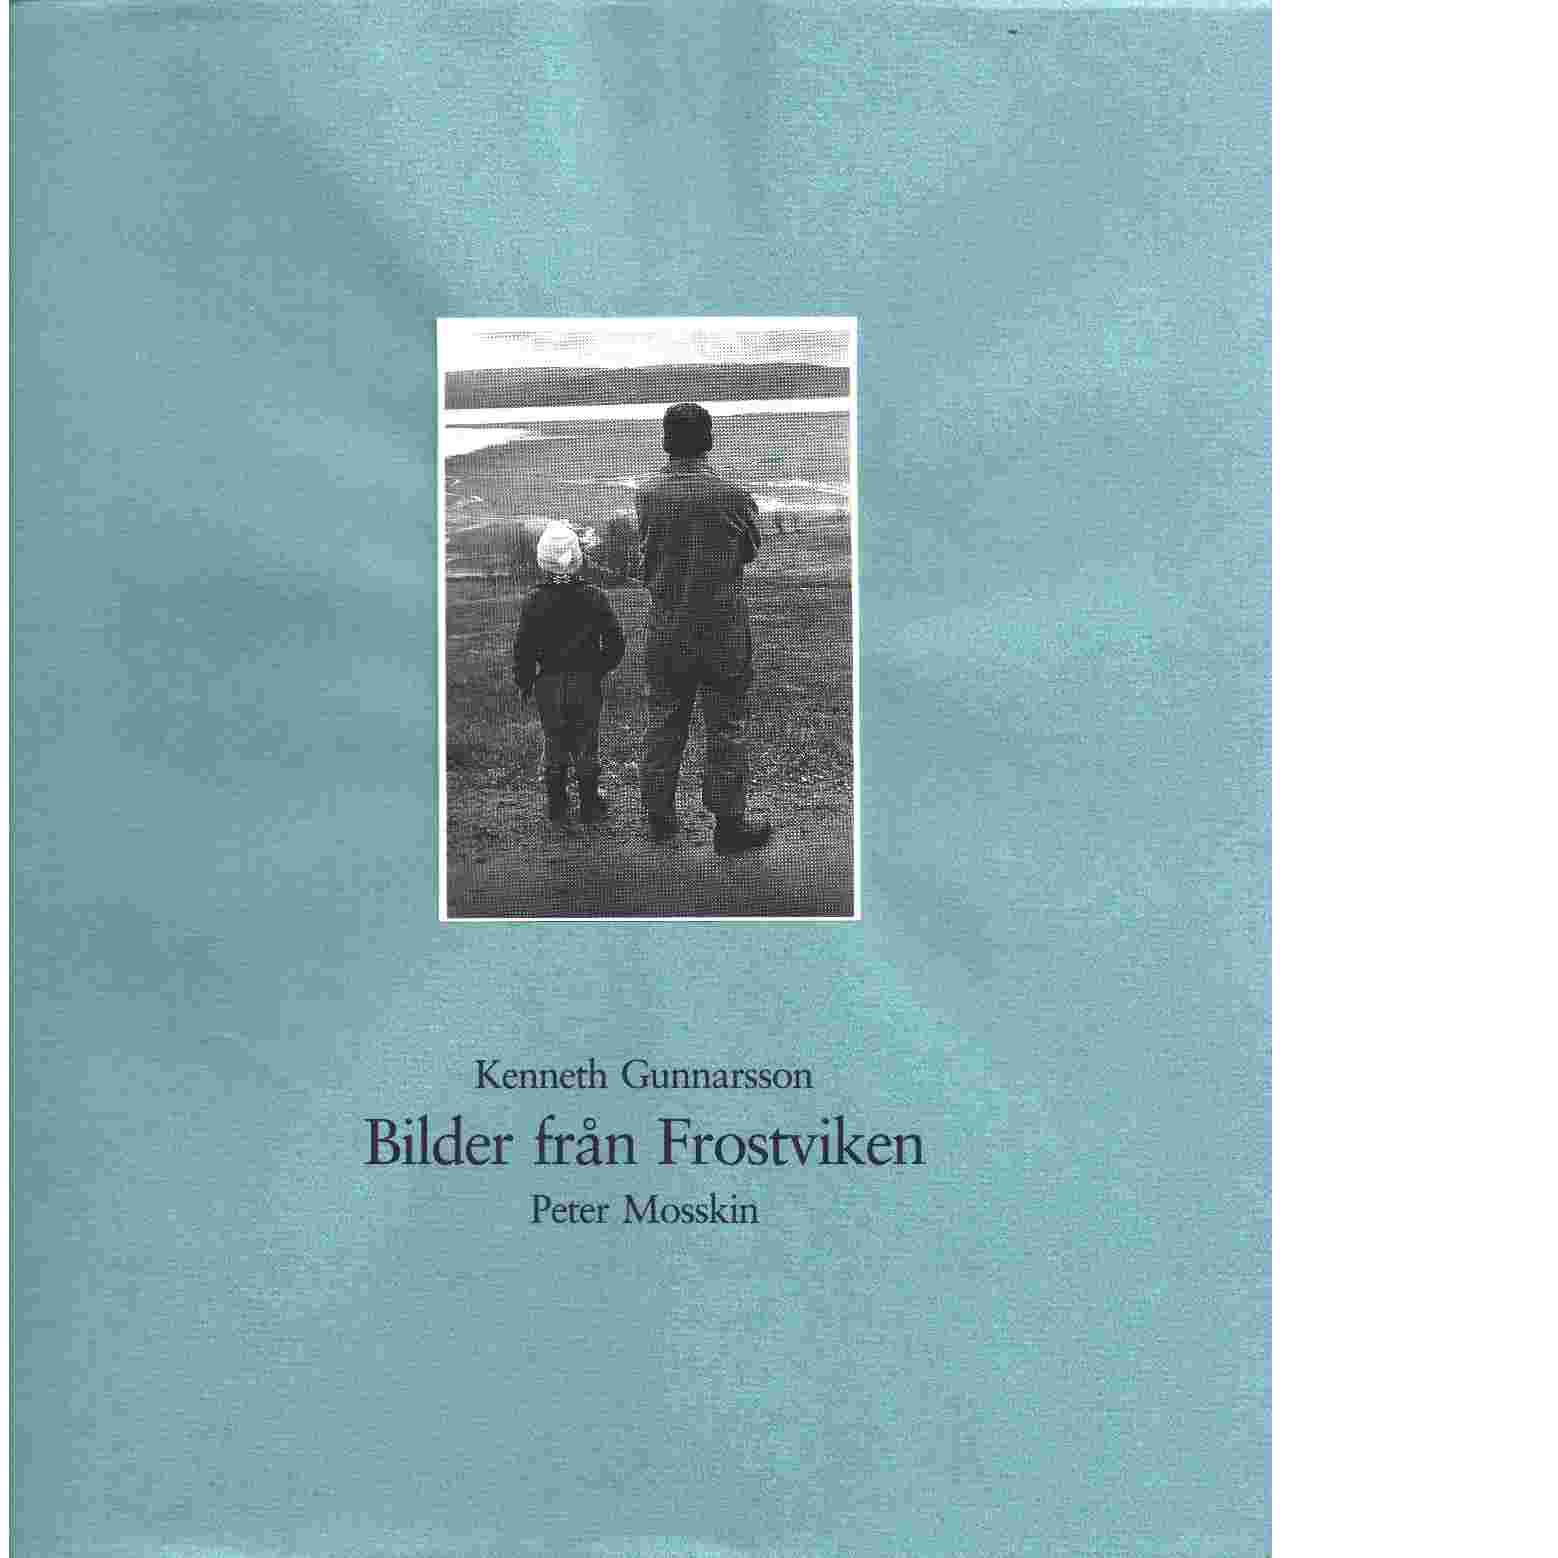 Bilder från Frostviken - Gunnarsson, Kenneth  och  Mosskin, Peter